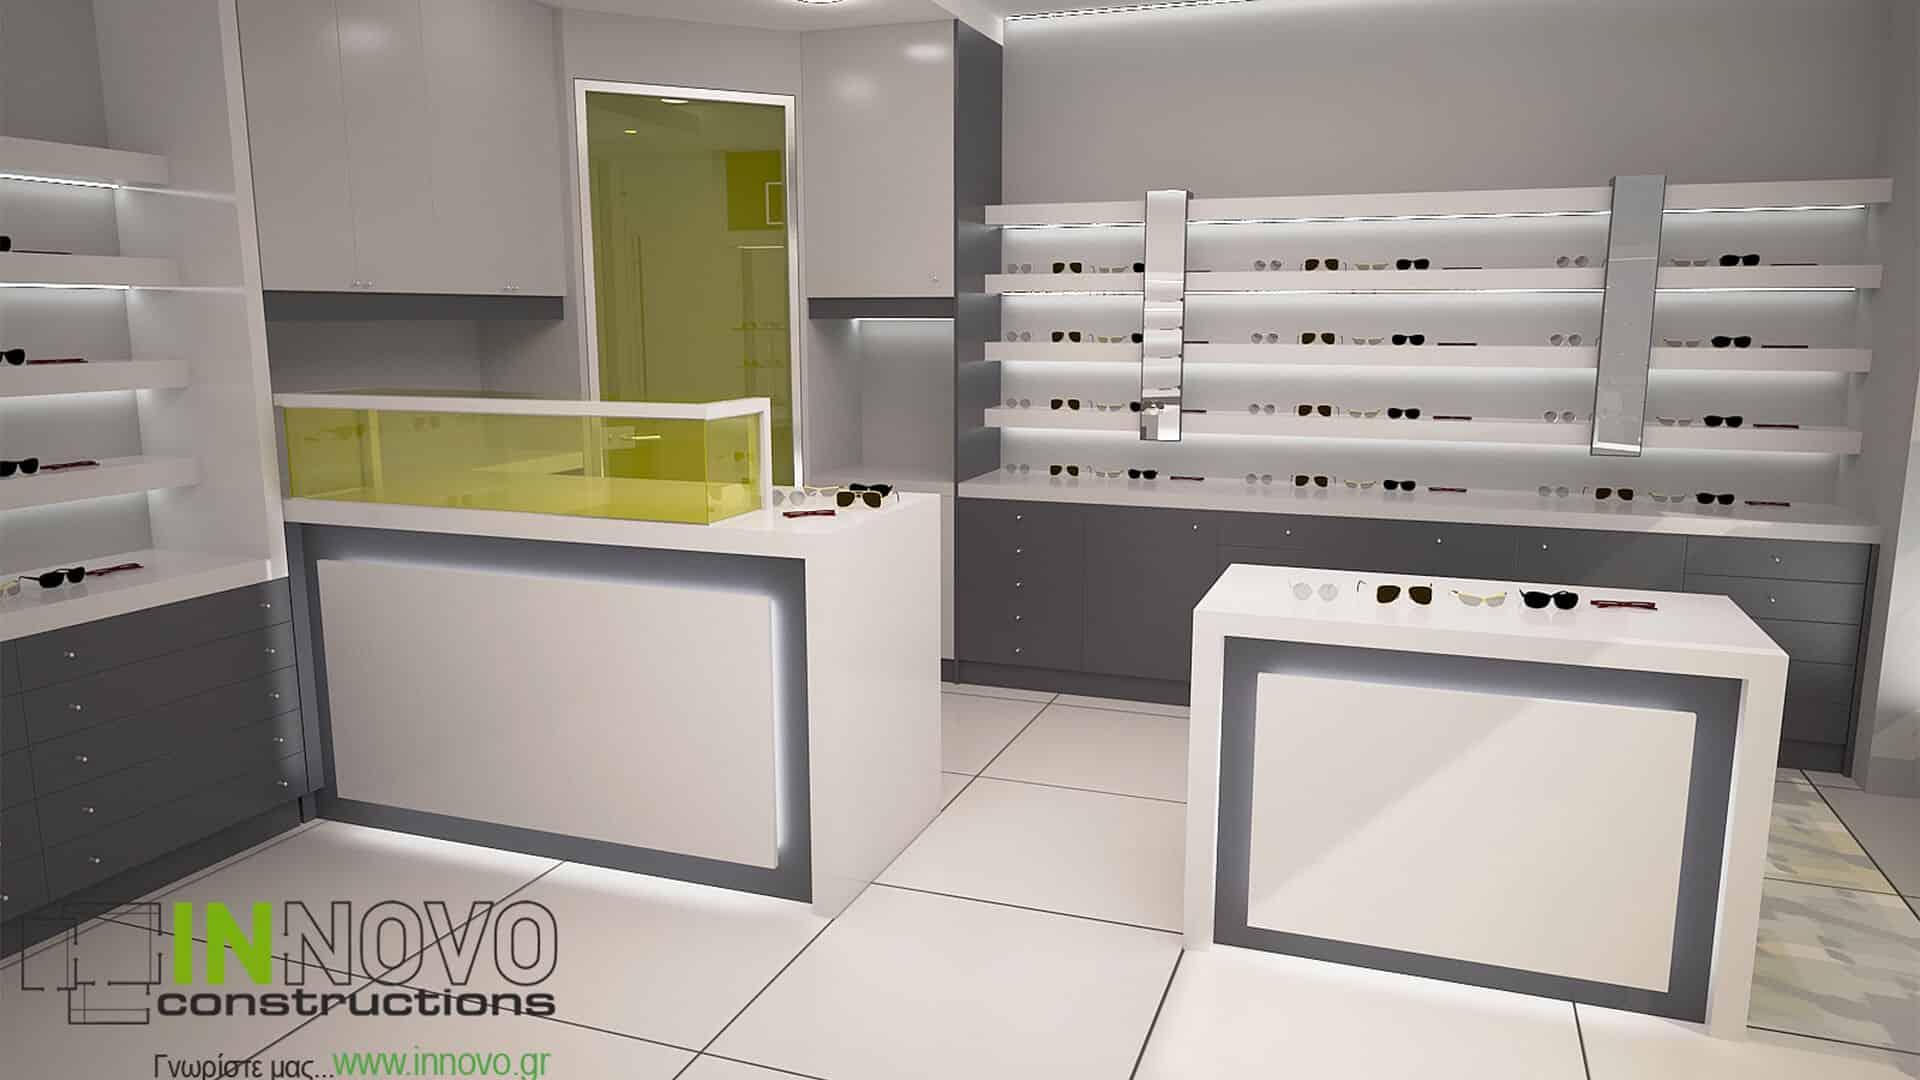 anakainisi-katastimatos-optikon-xolargos-optical-store-renovation-equipment-3